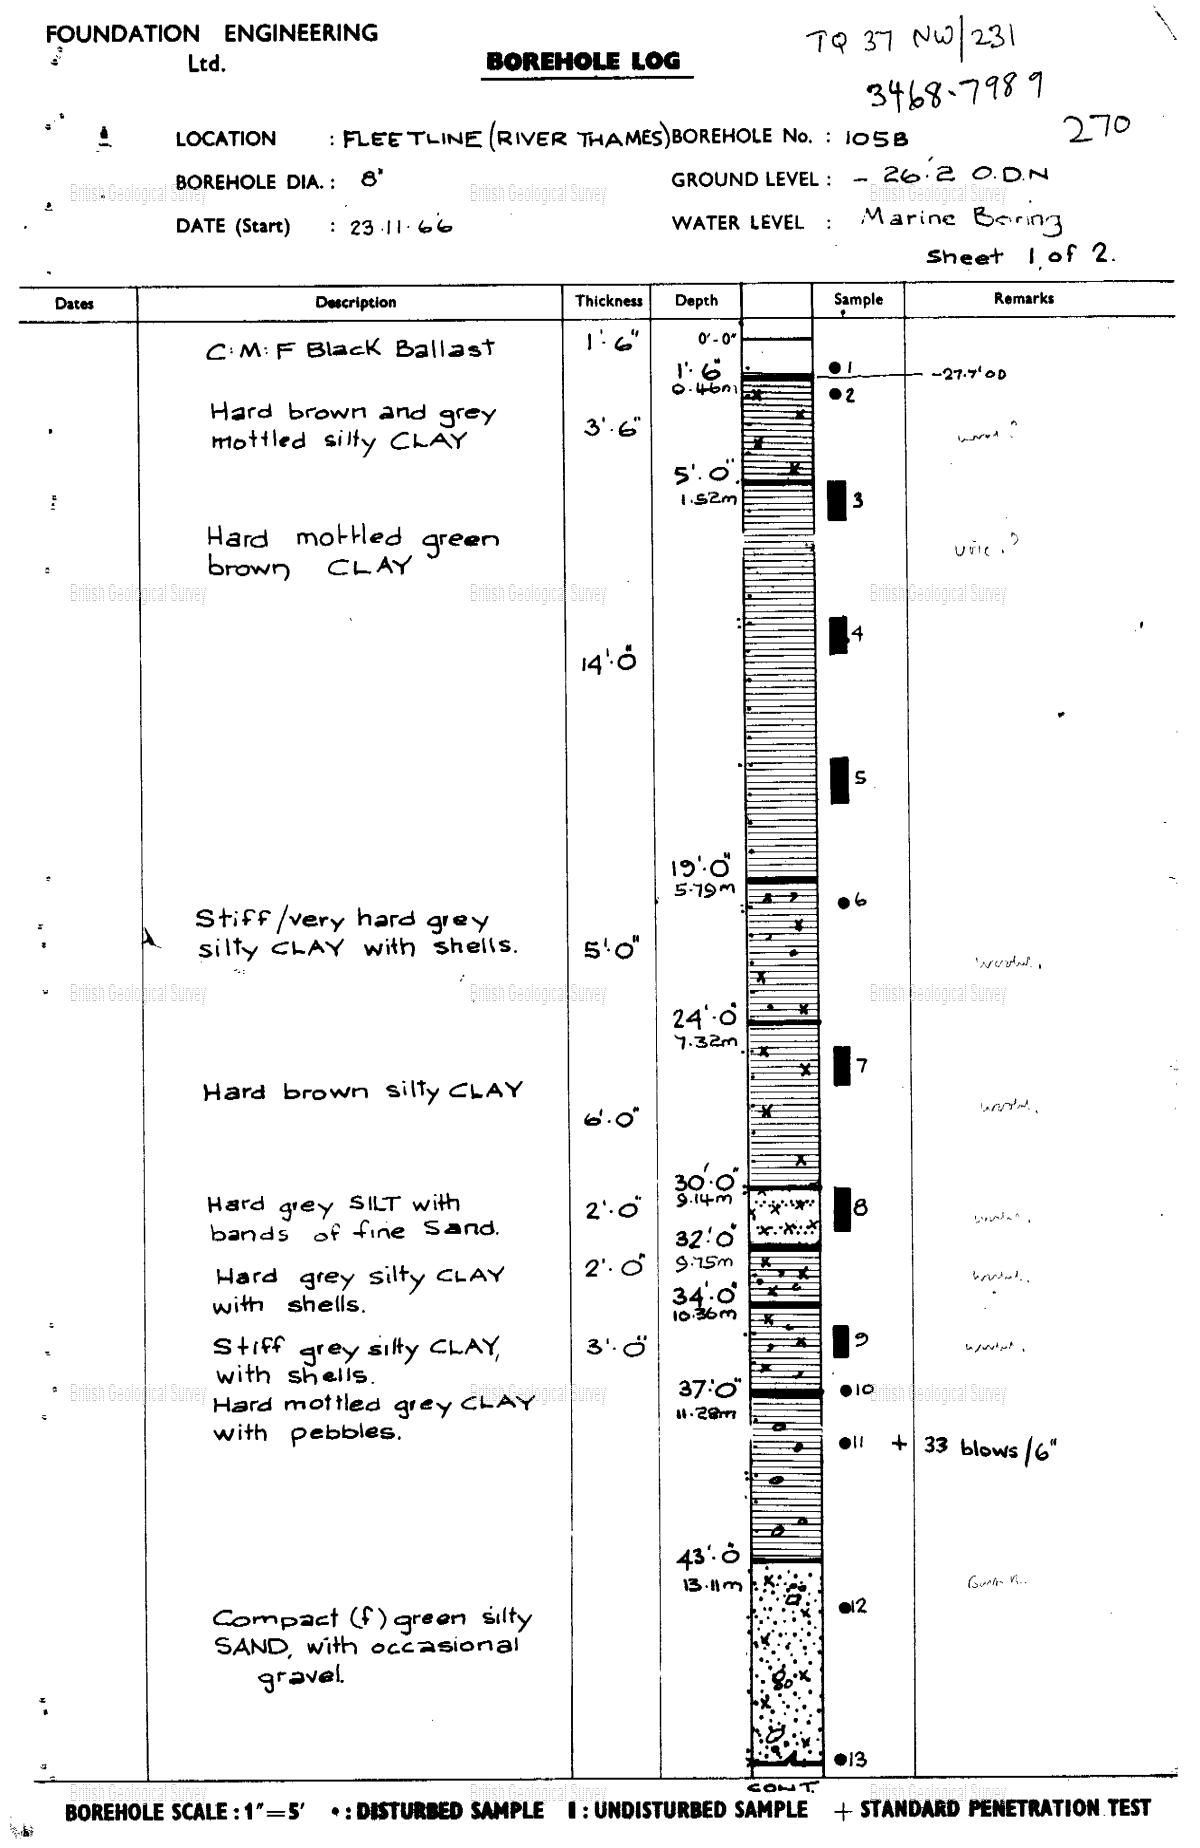 Scanned image of the borehole log